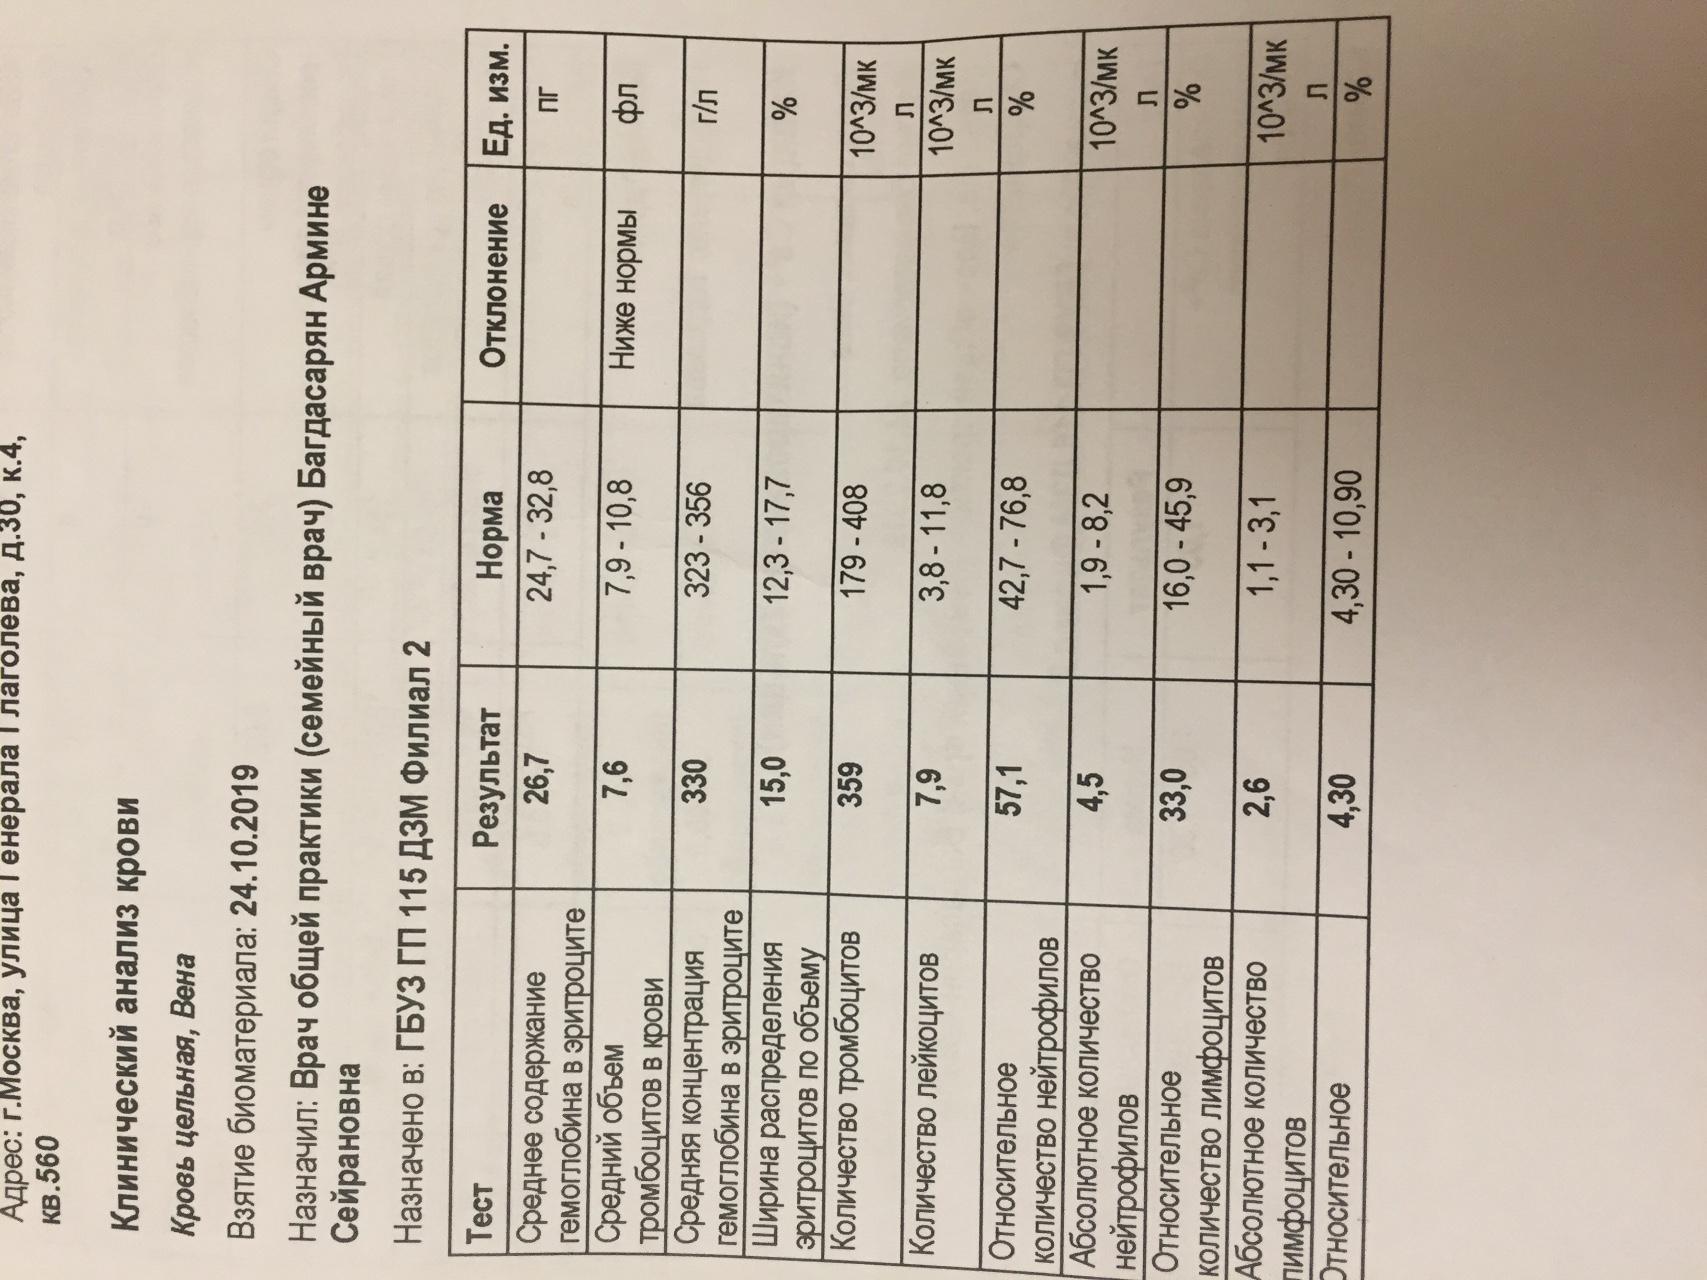 Гемоглобина анализ крови для повышенного лямблии по анализу крови определить